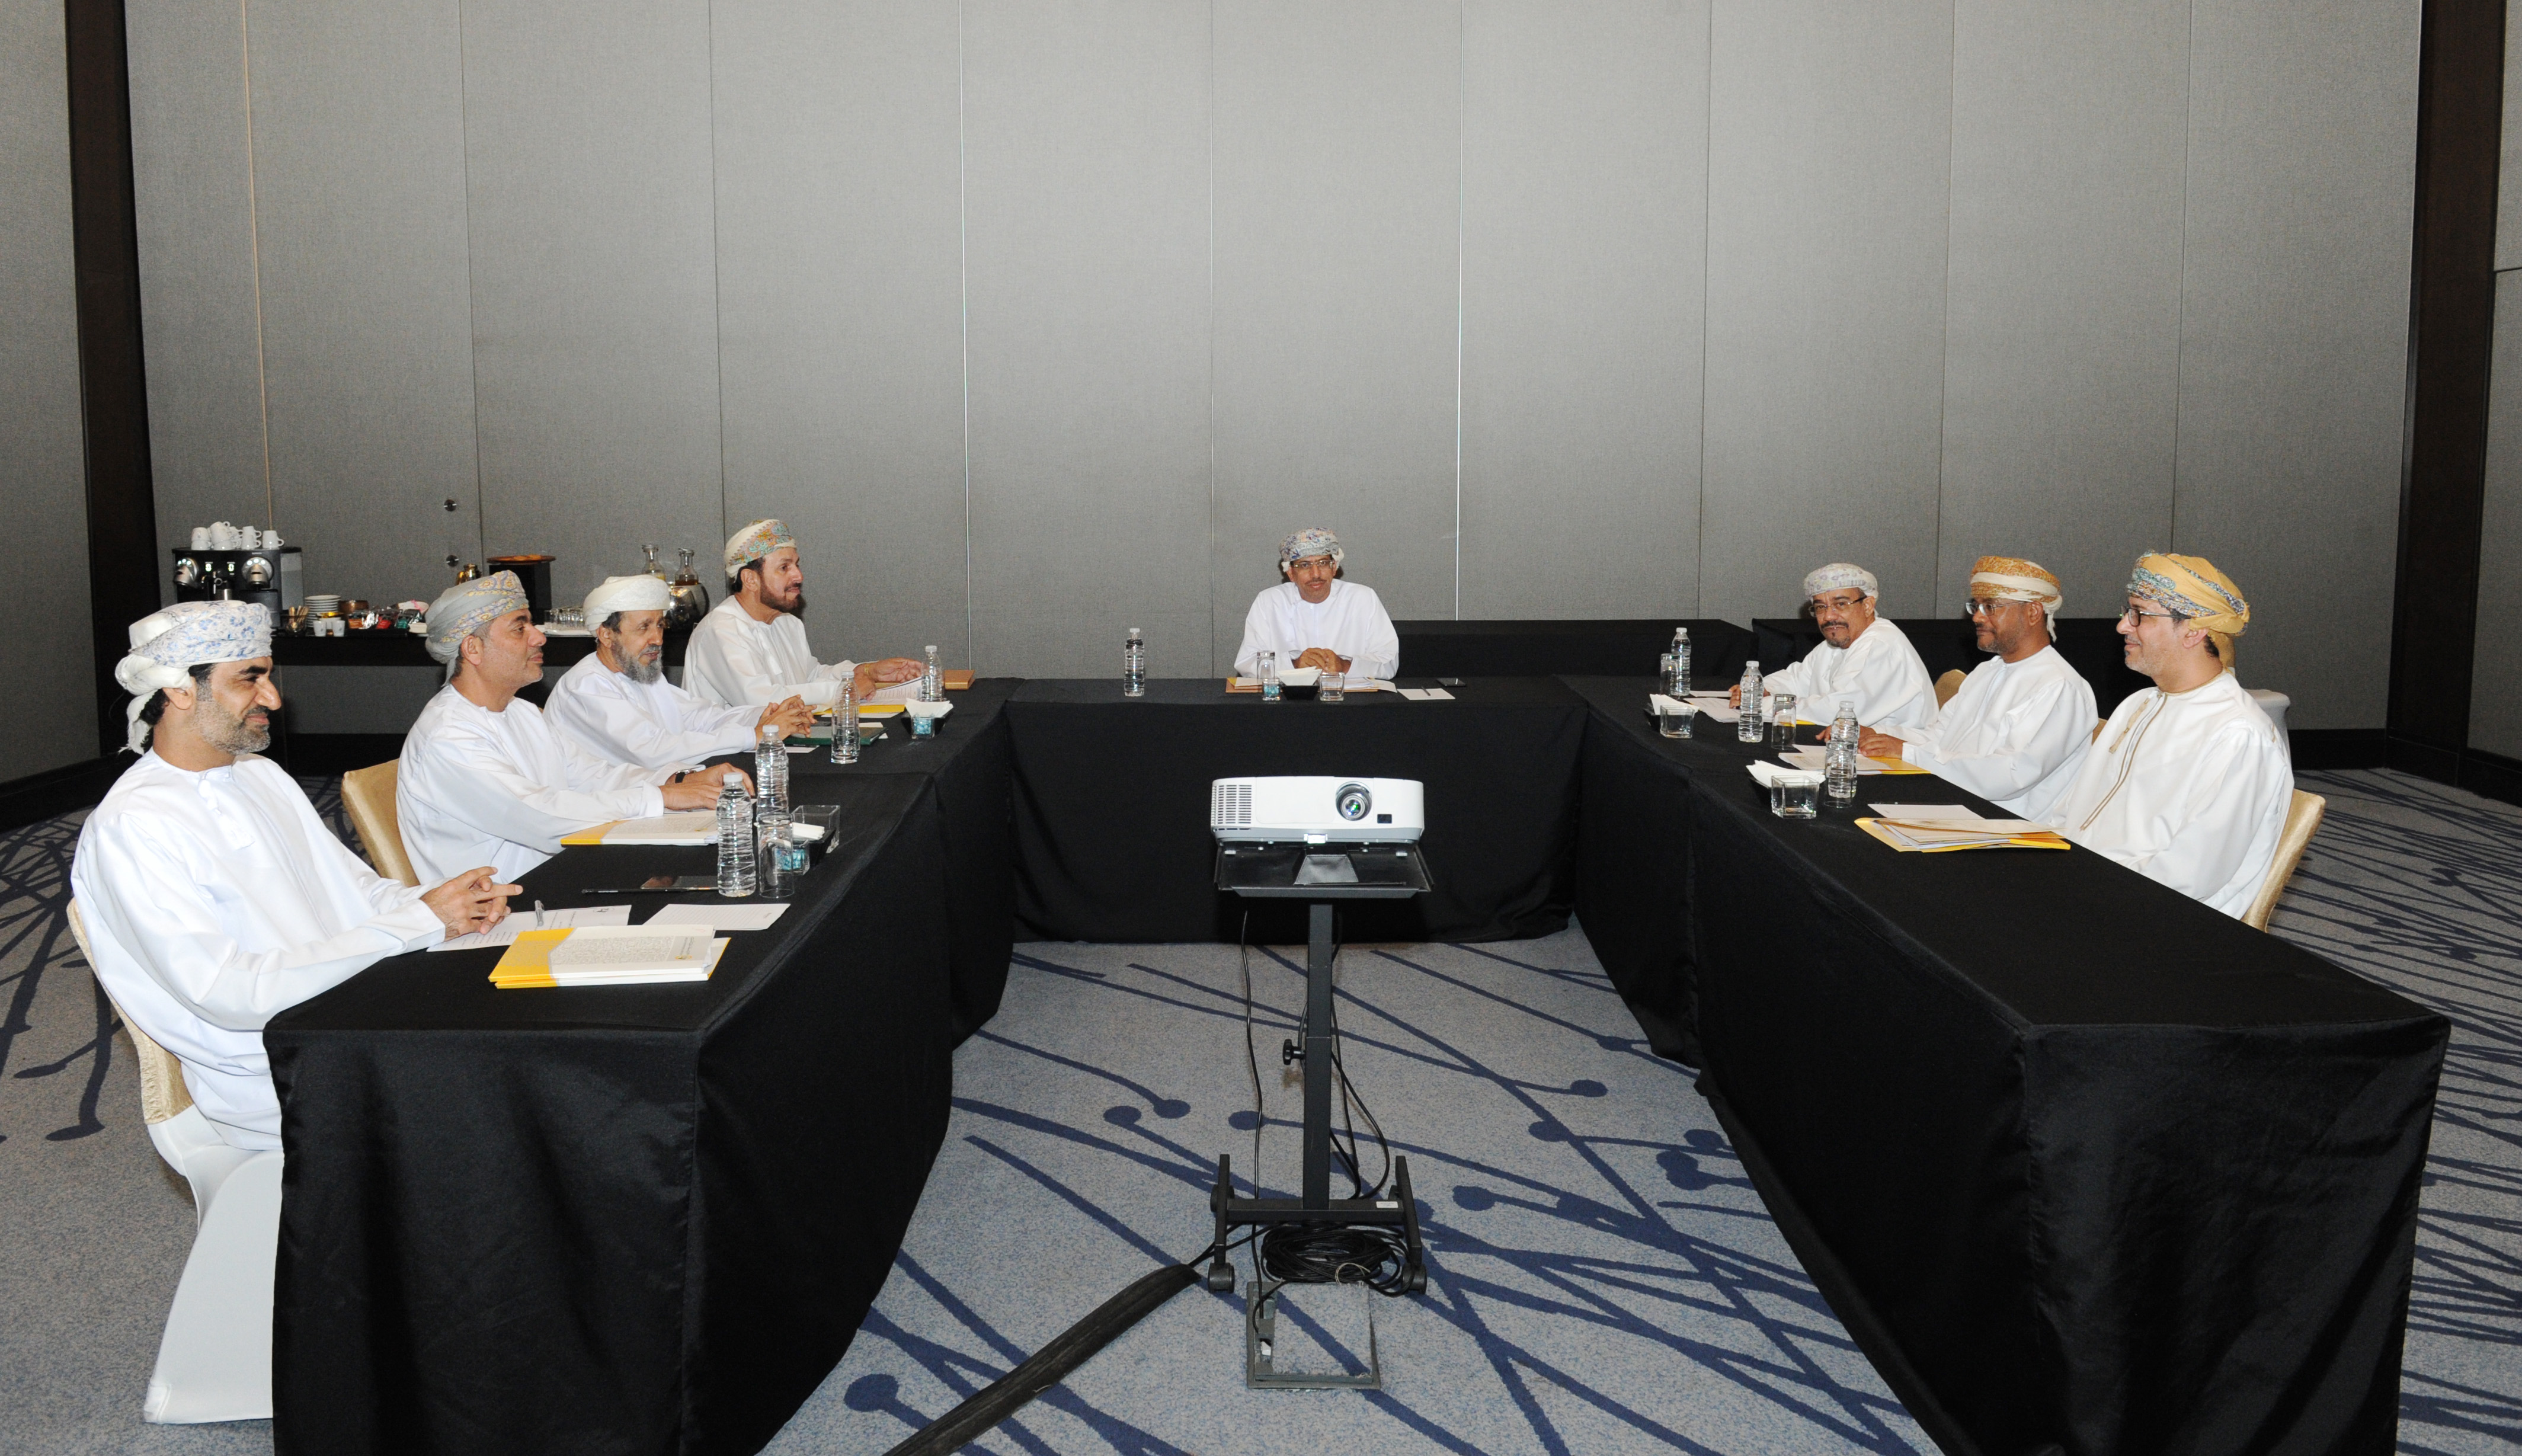 اجتماع اللجنة الرئيسية المنظمة لمعرض مسقط الدولي للكتاب في دورته الـ٢٥